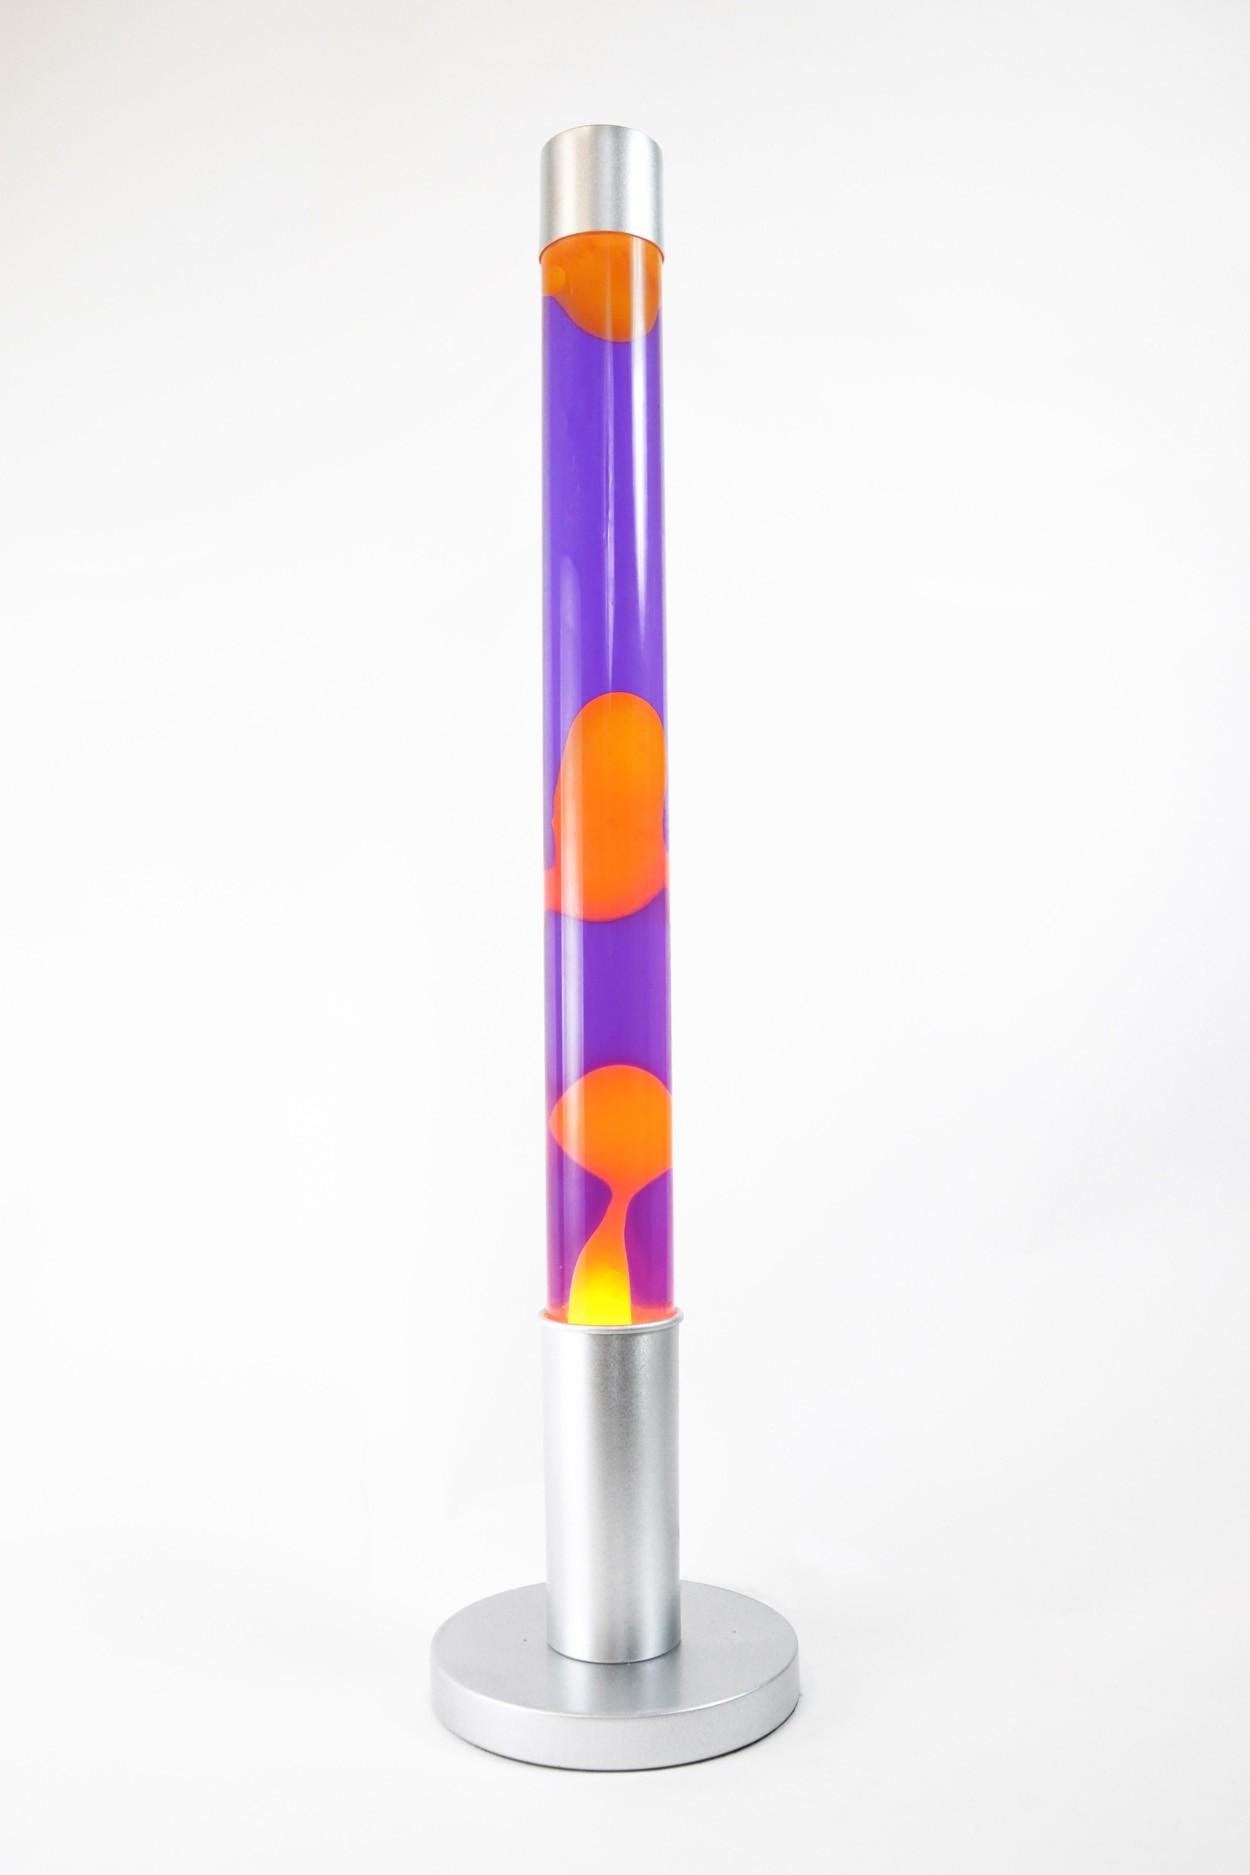 УЦЕНЕННЫЙ ТОВАР! Напольная лава-лампа 75см  Оранжевая/Фиолетовая (Воск)